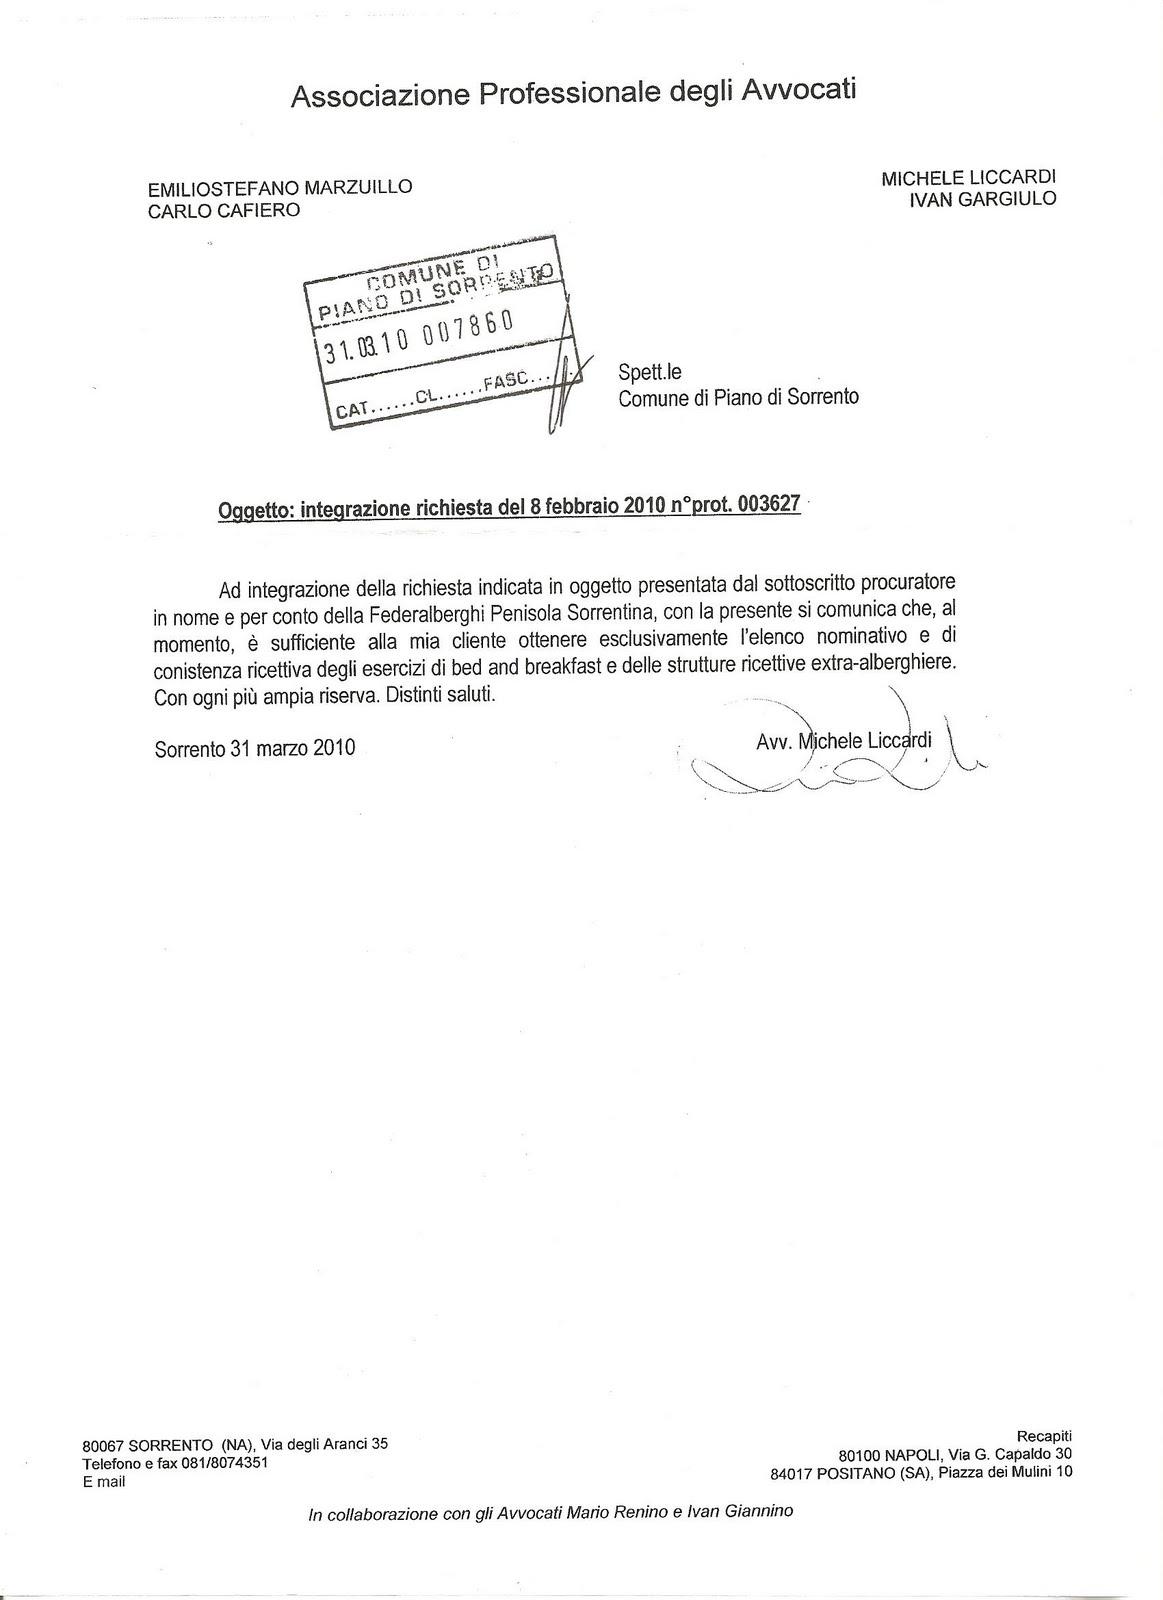 ACCESSO AGLI ATTI, NUOVO REGOLAMENTO